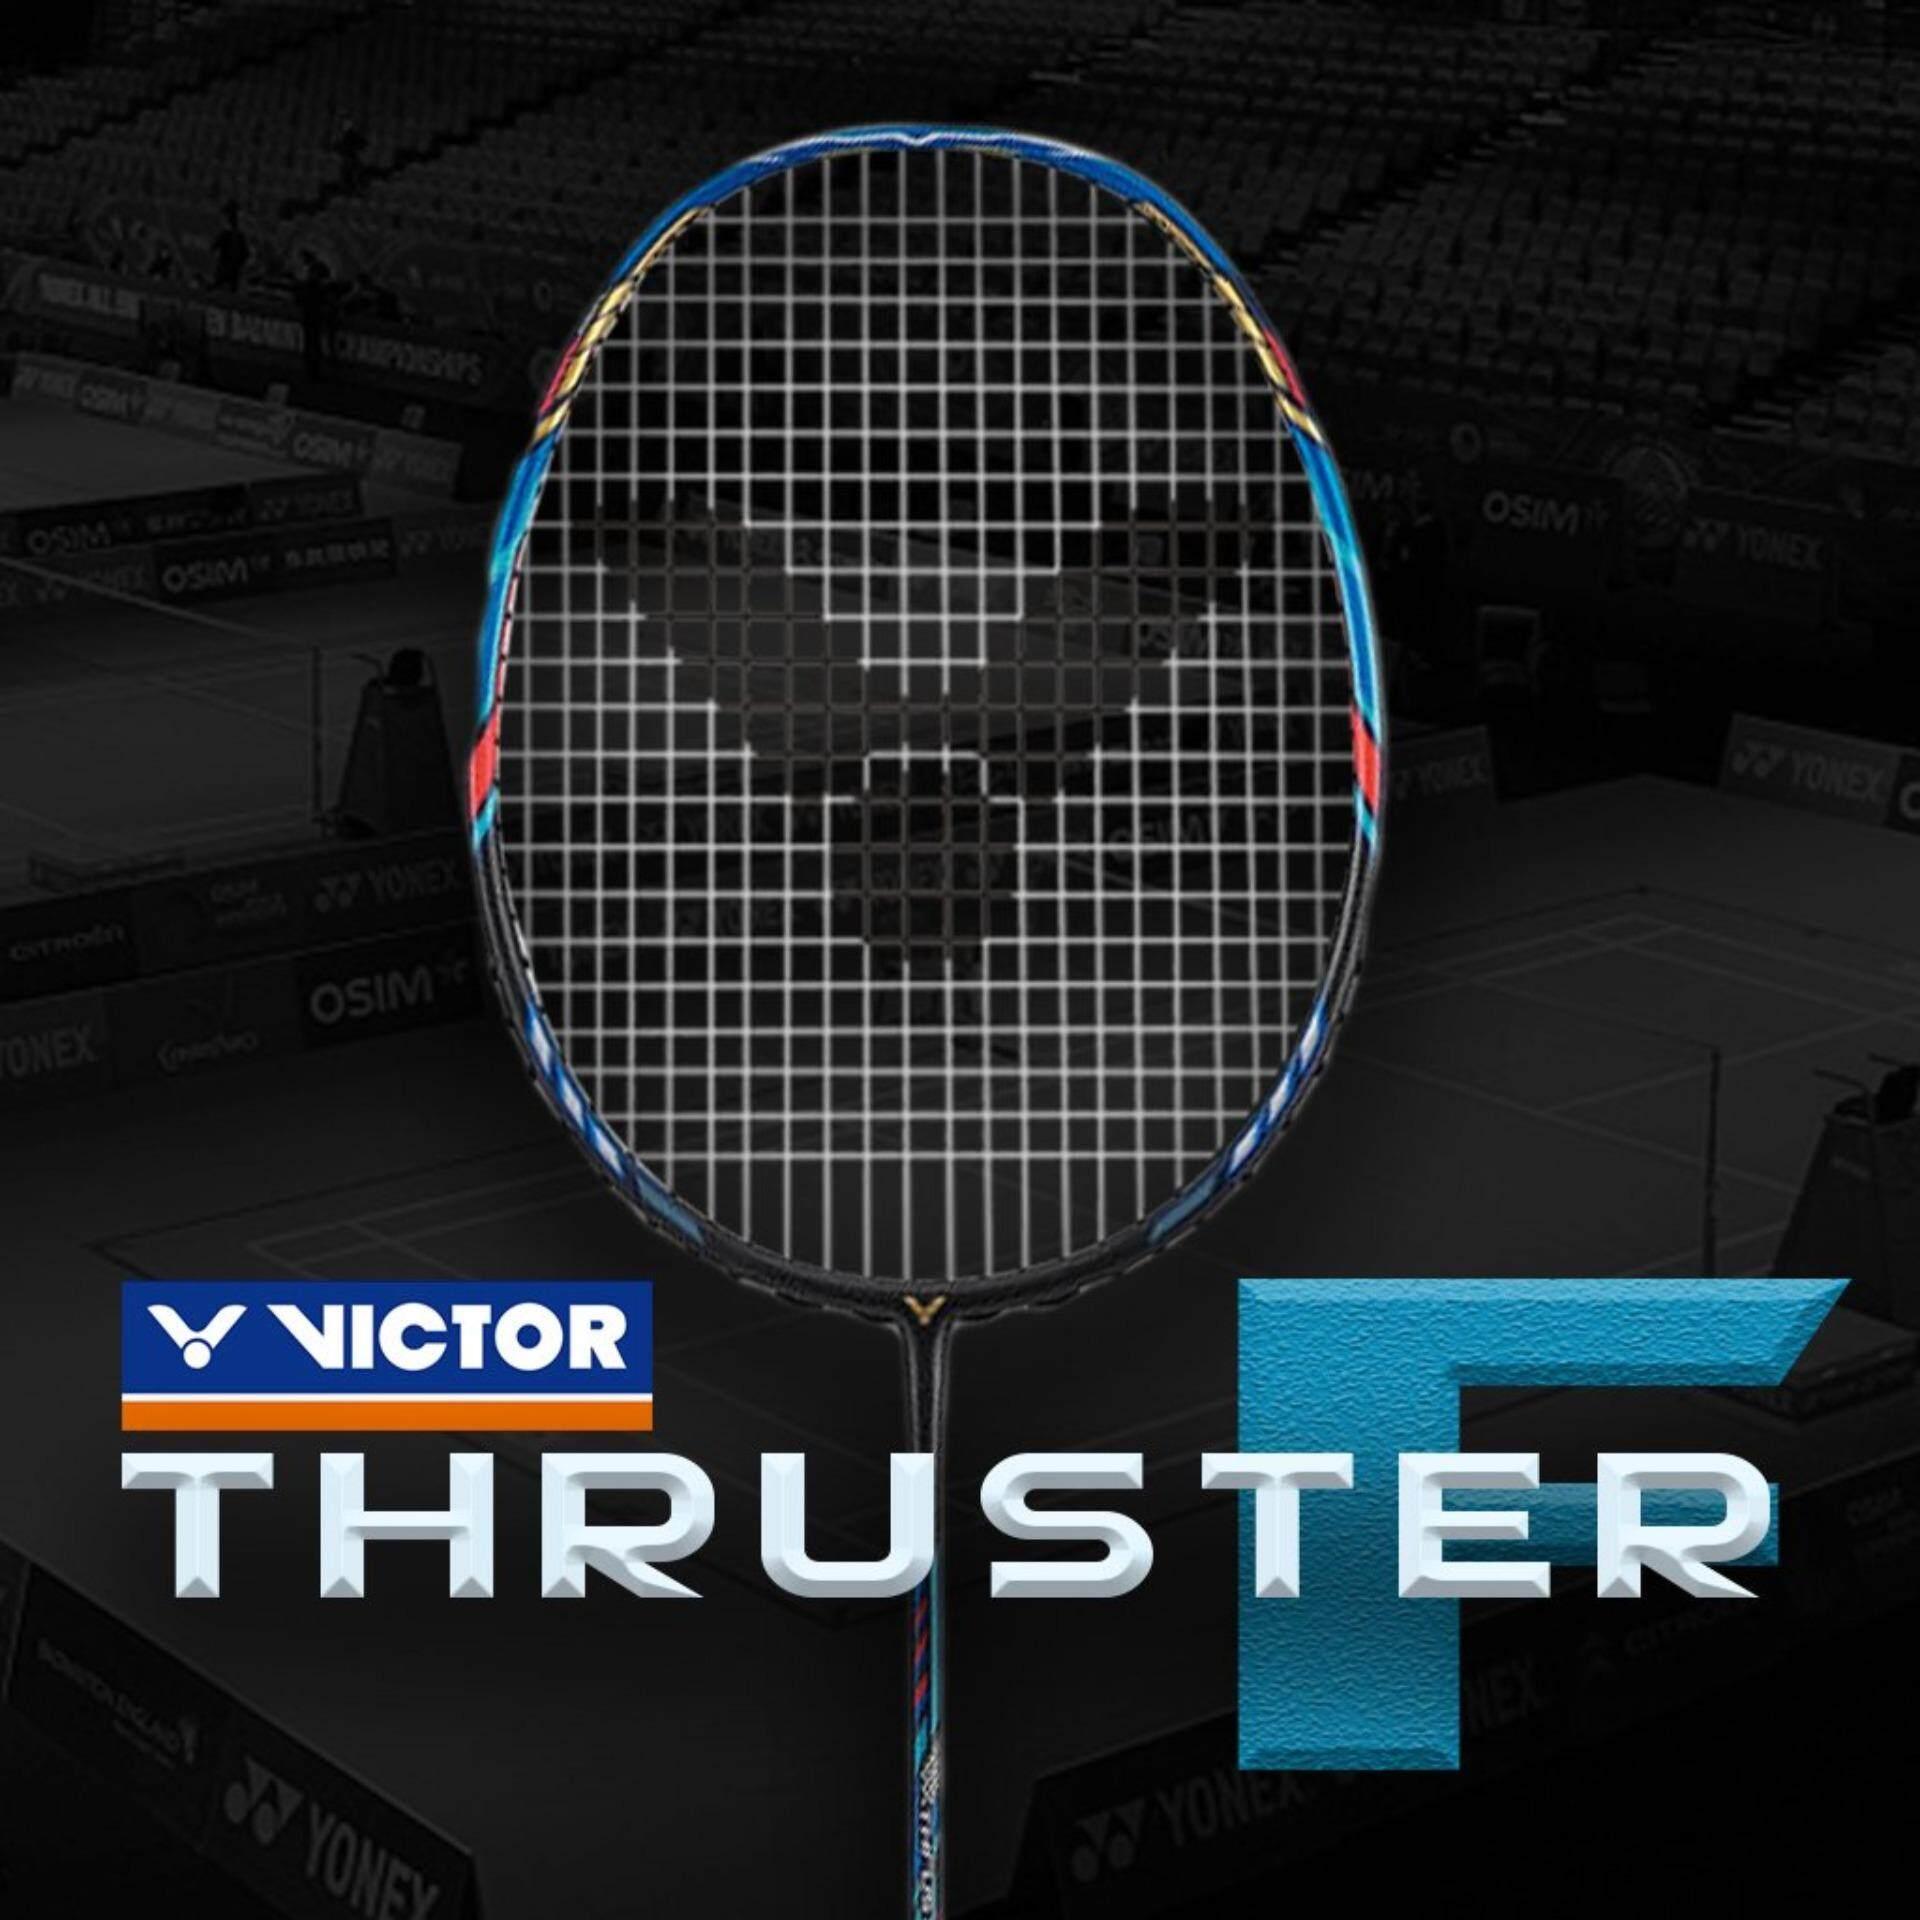 Bảng giá Victor Thruster F (Chim Ưng) VỢT CẦU LÔNG với Gói